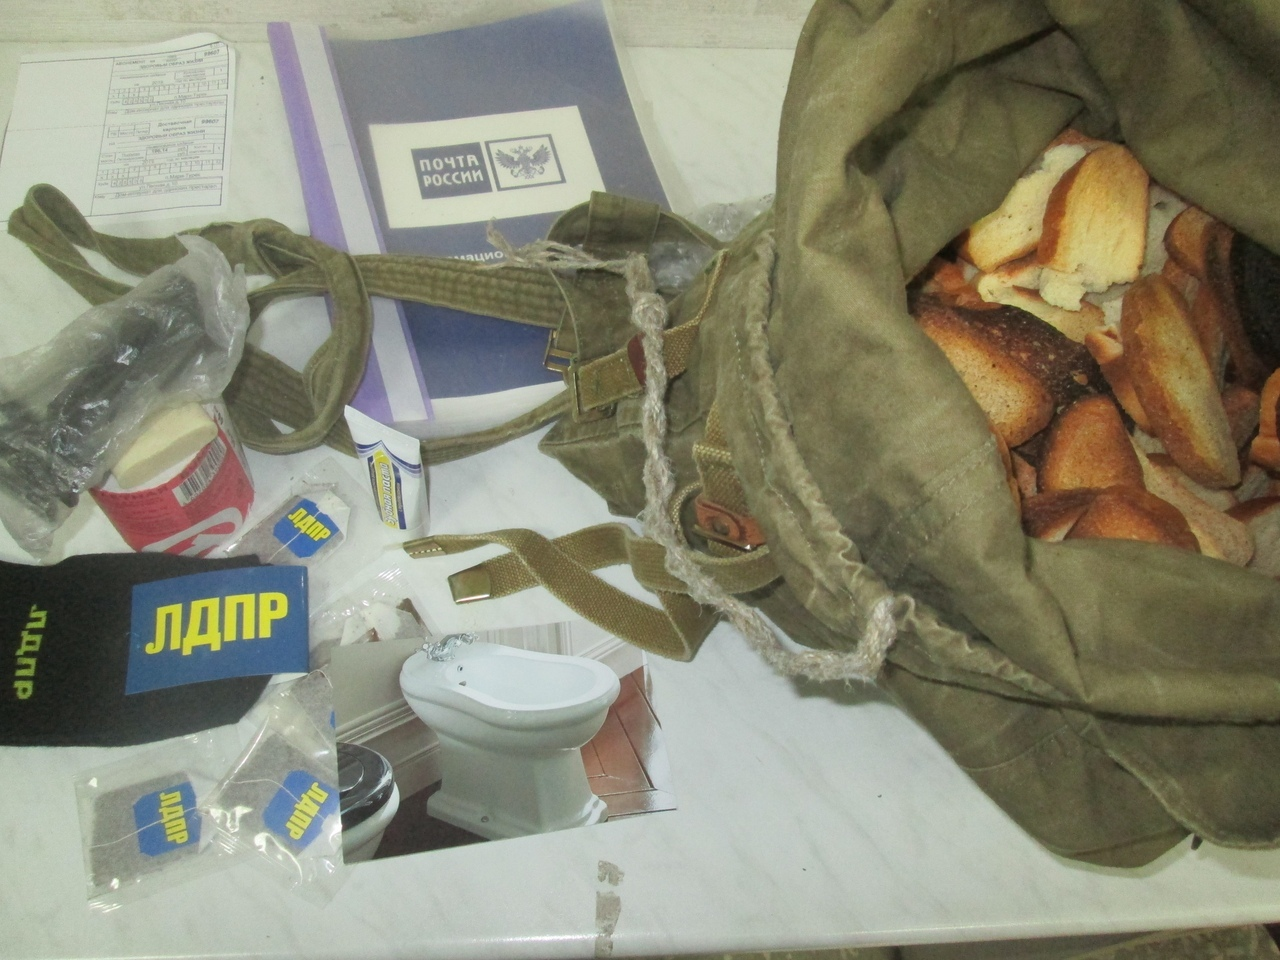 Йошкаролинцы отправили в СИЗО мешок сухарей экс-главе Марий Эл Леониду Маркелову.